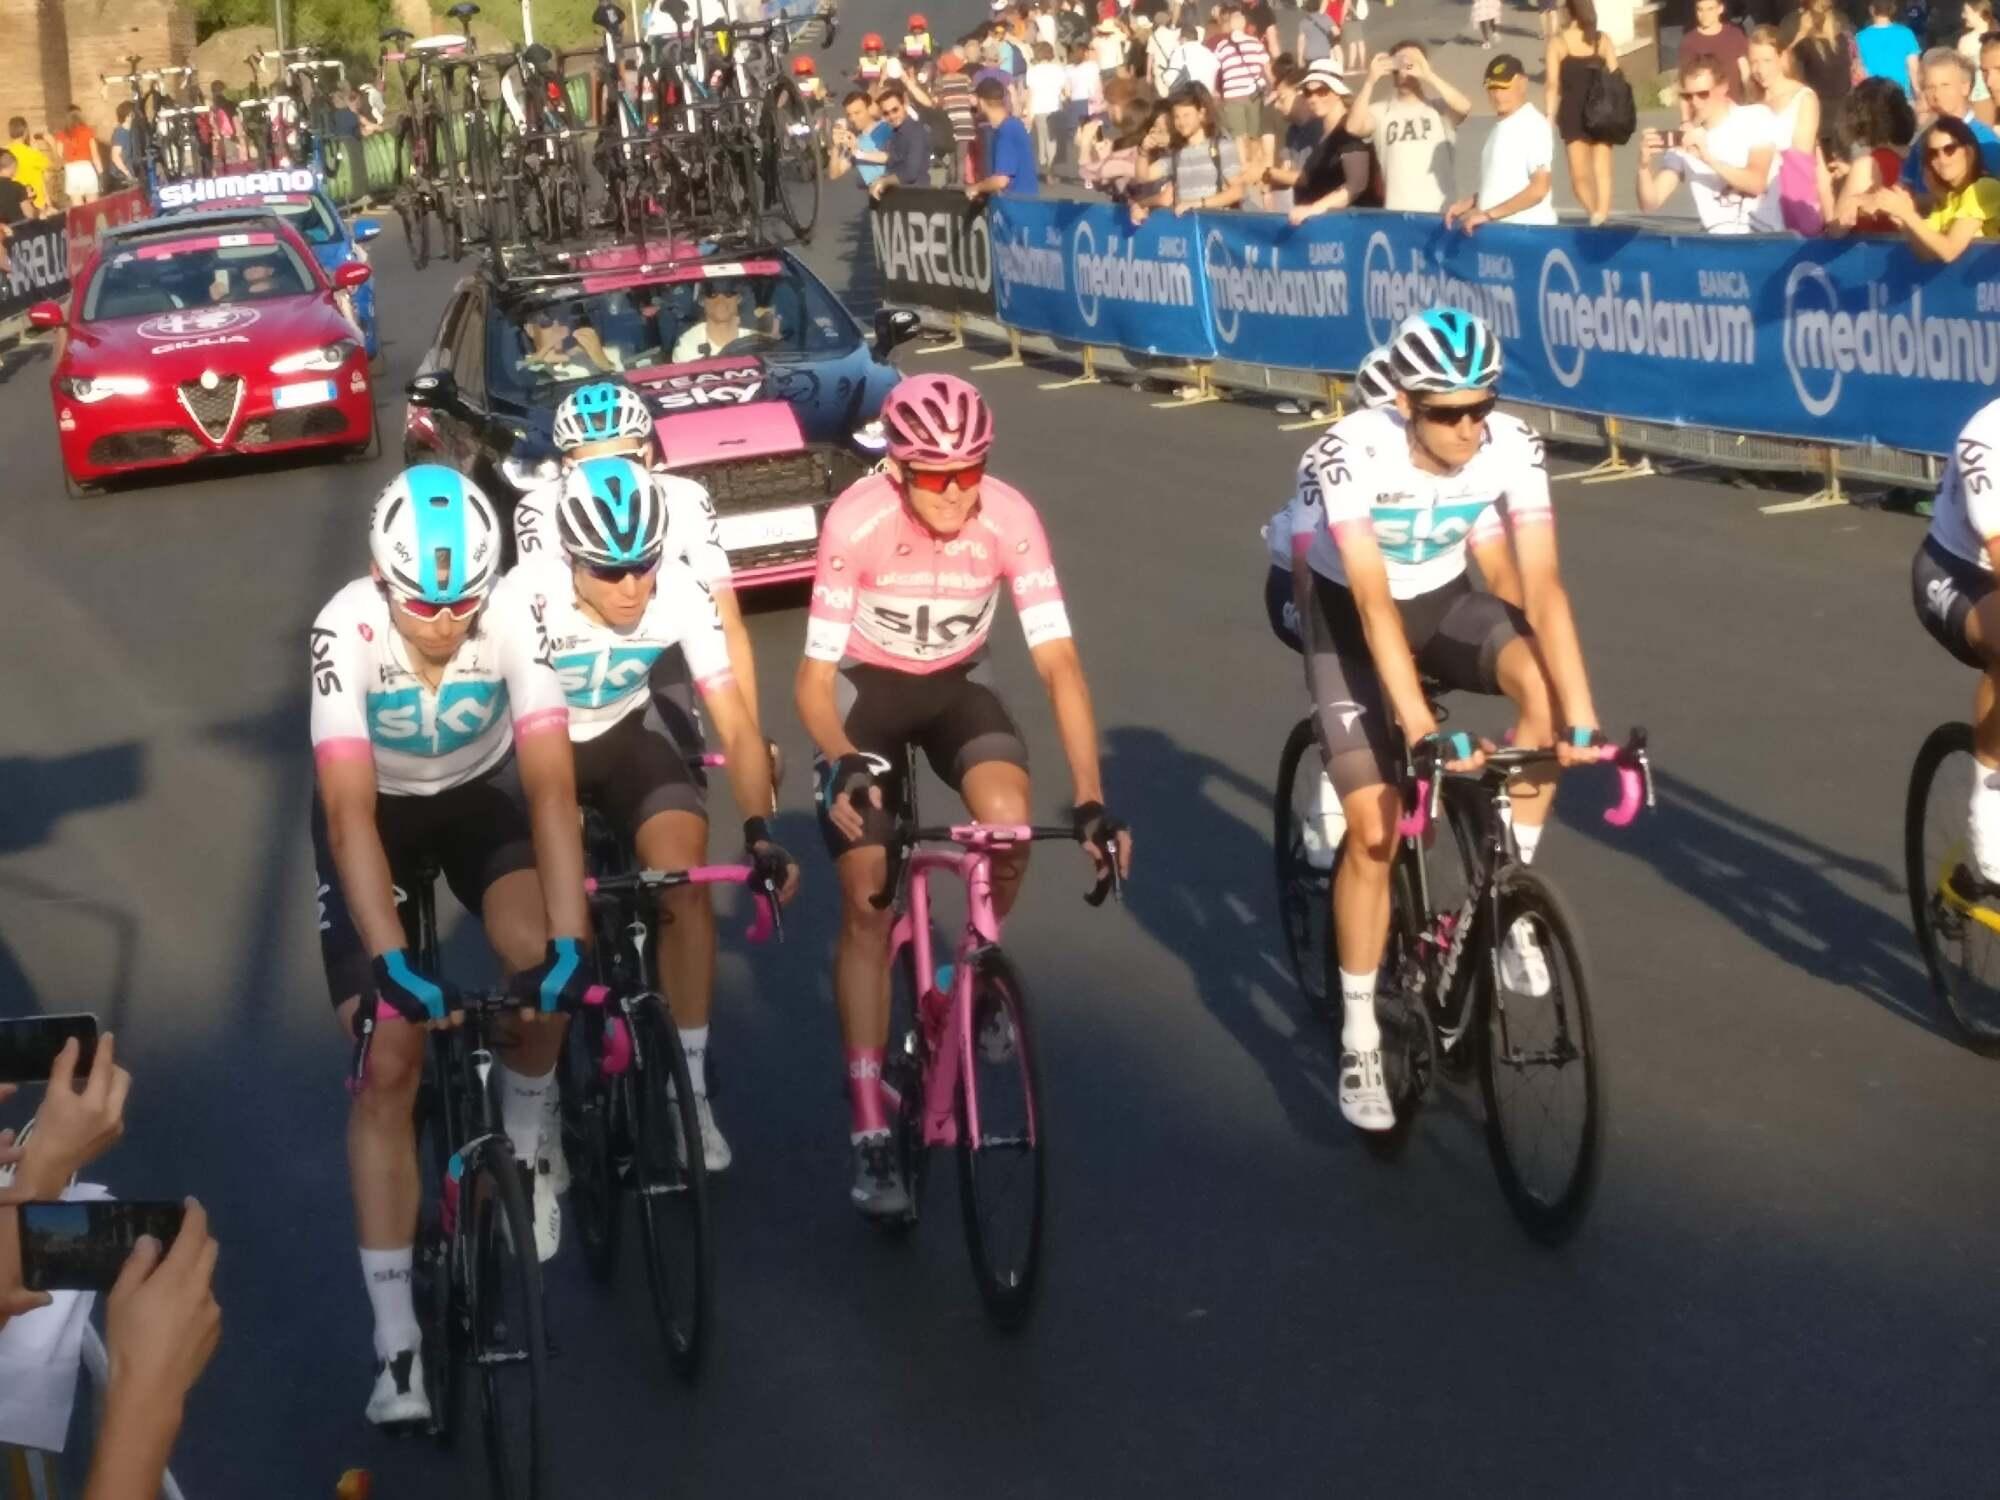 Ciclismo, presentato il Giro di Sicilia 2019: 4 tappe suggestive con epilogo sull'Etna